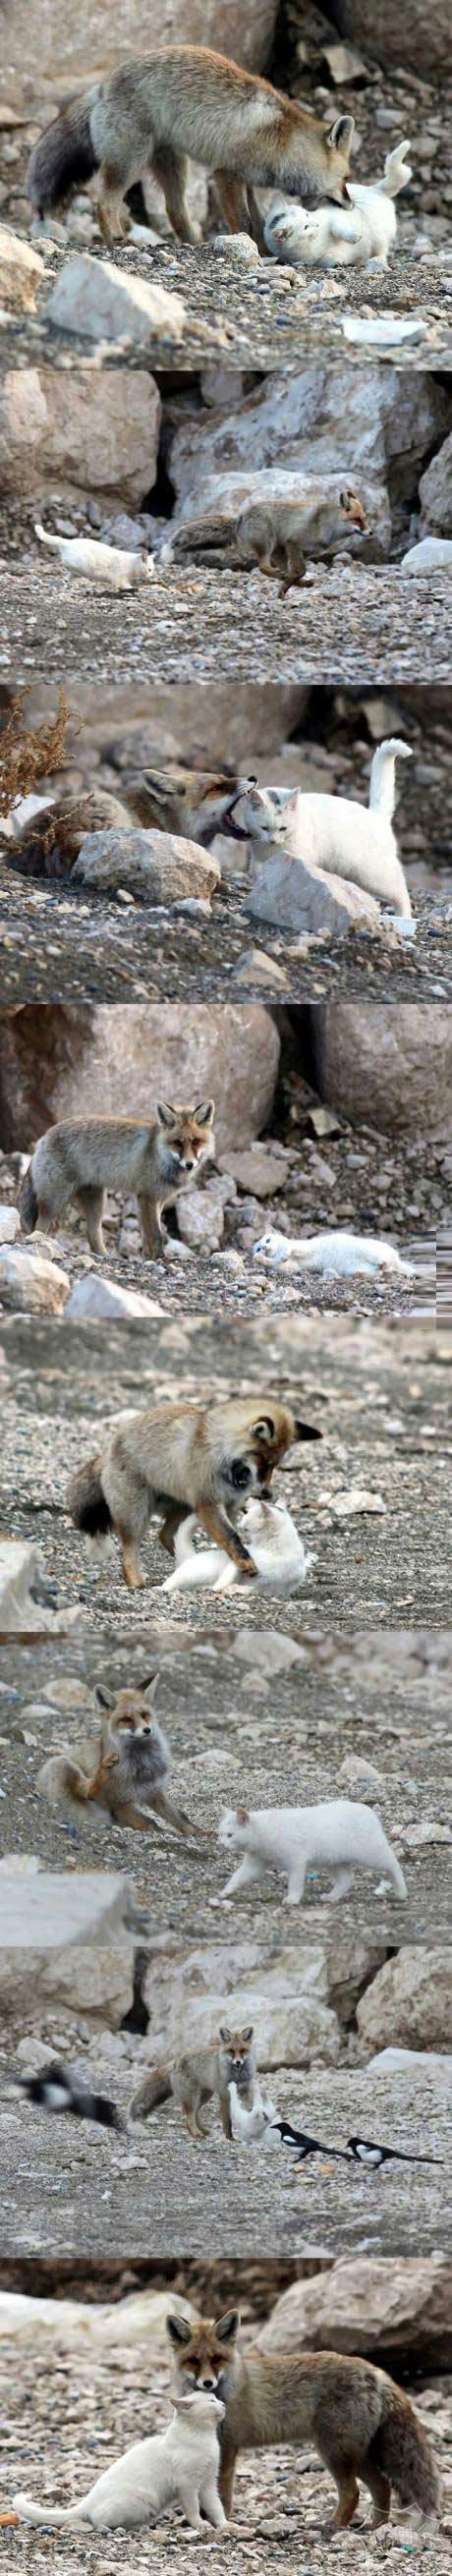 狐狸和猫的故事